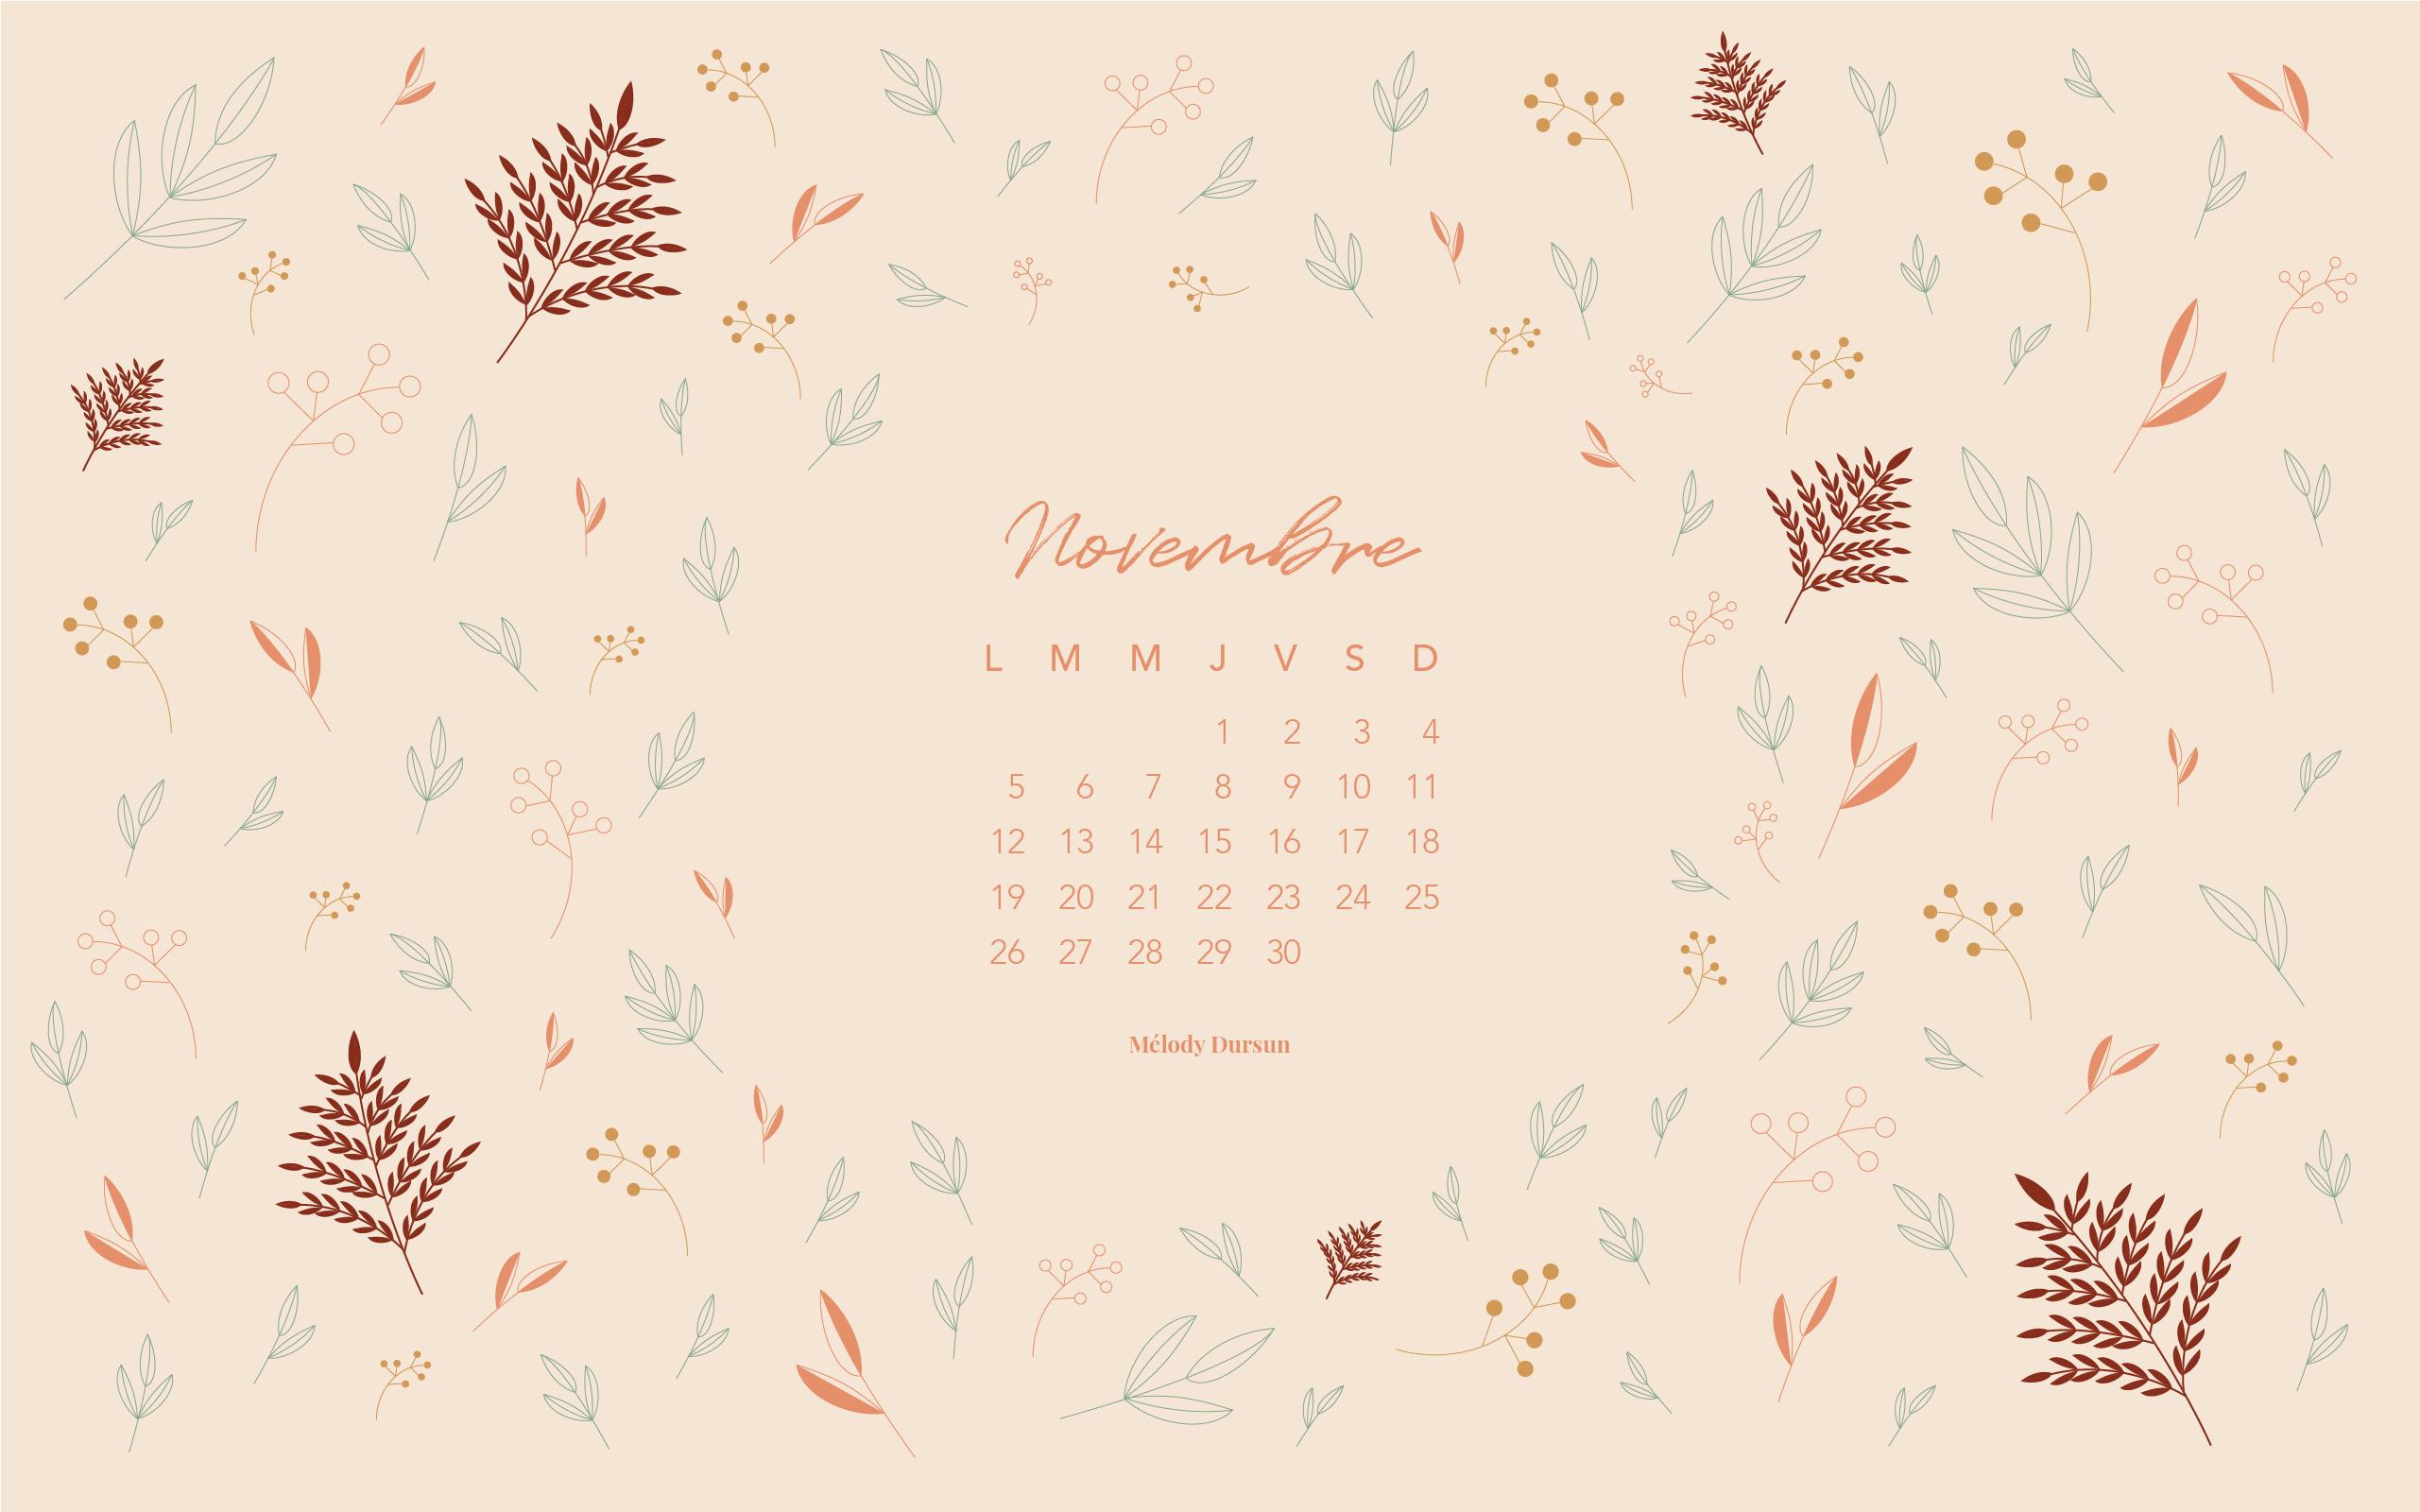 melodydursun-calendrier-novembre2018